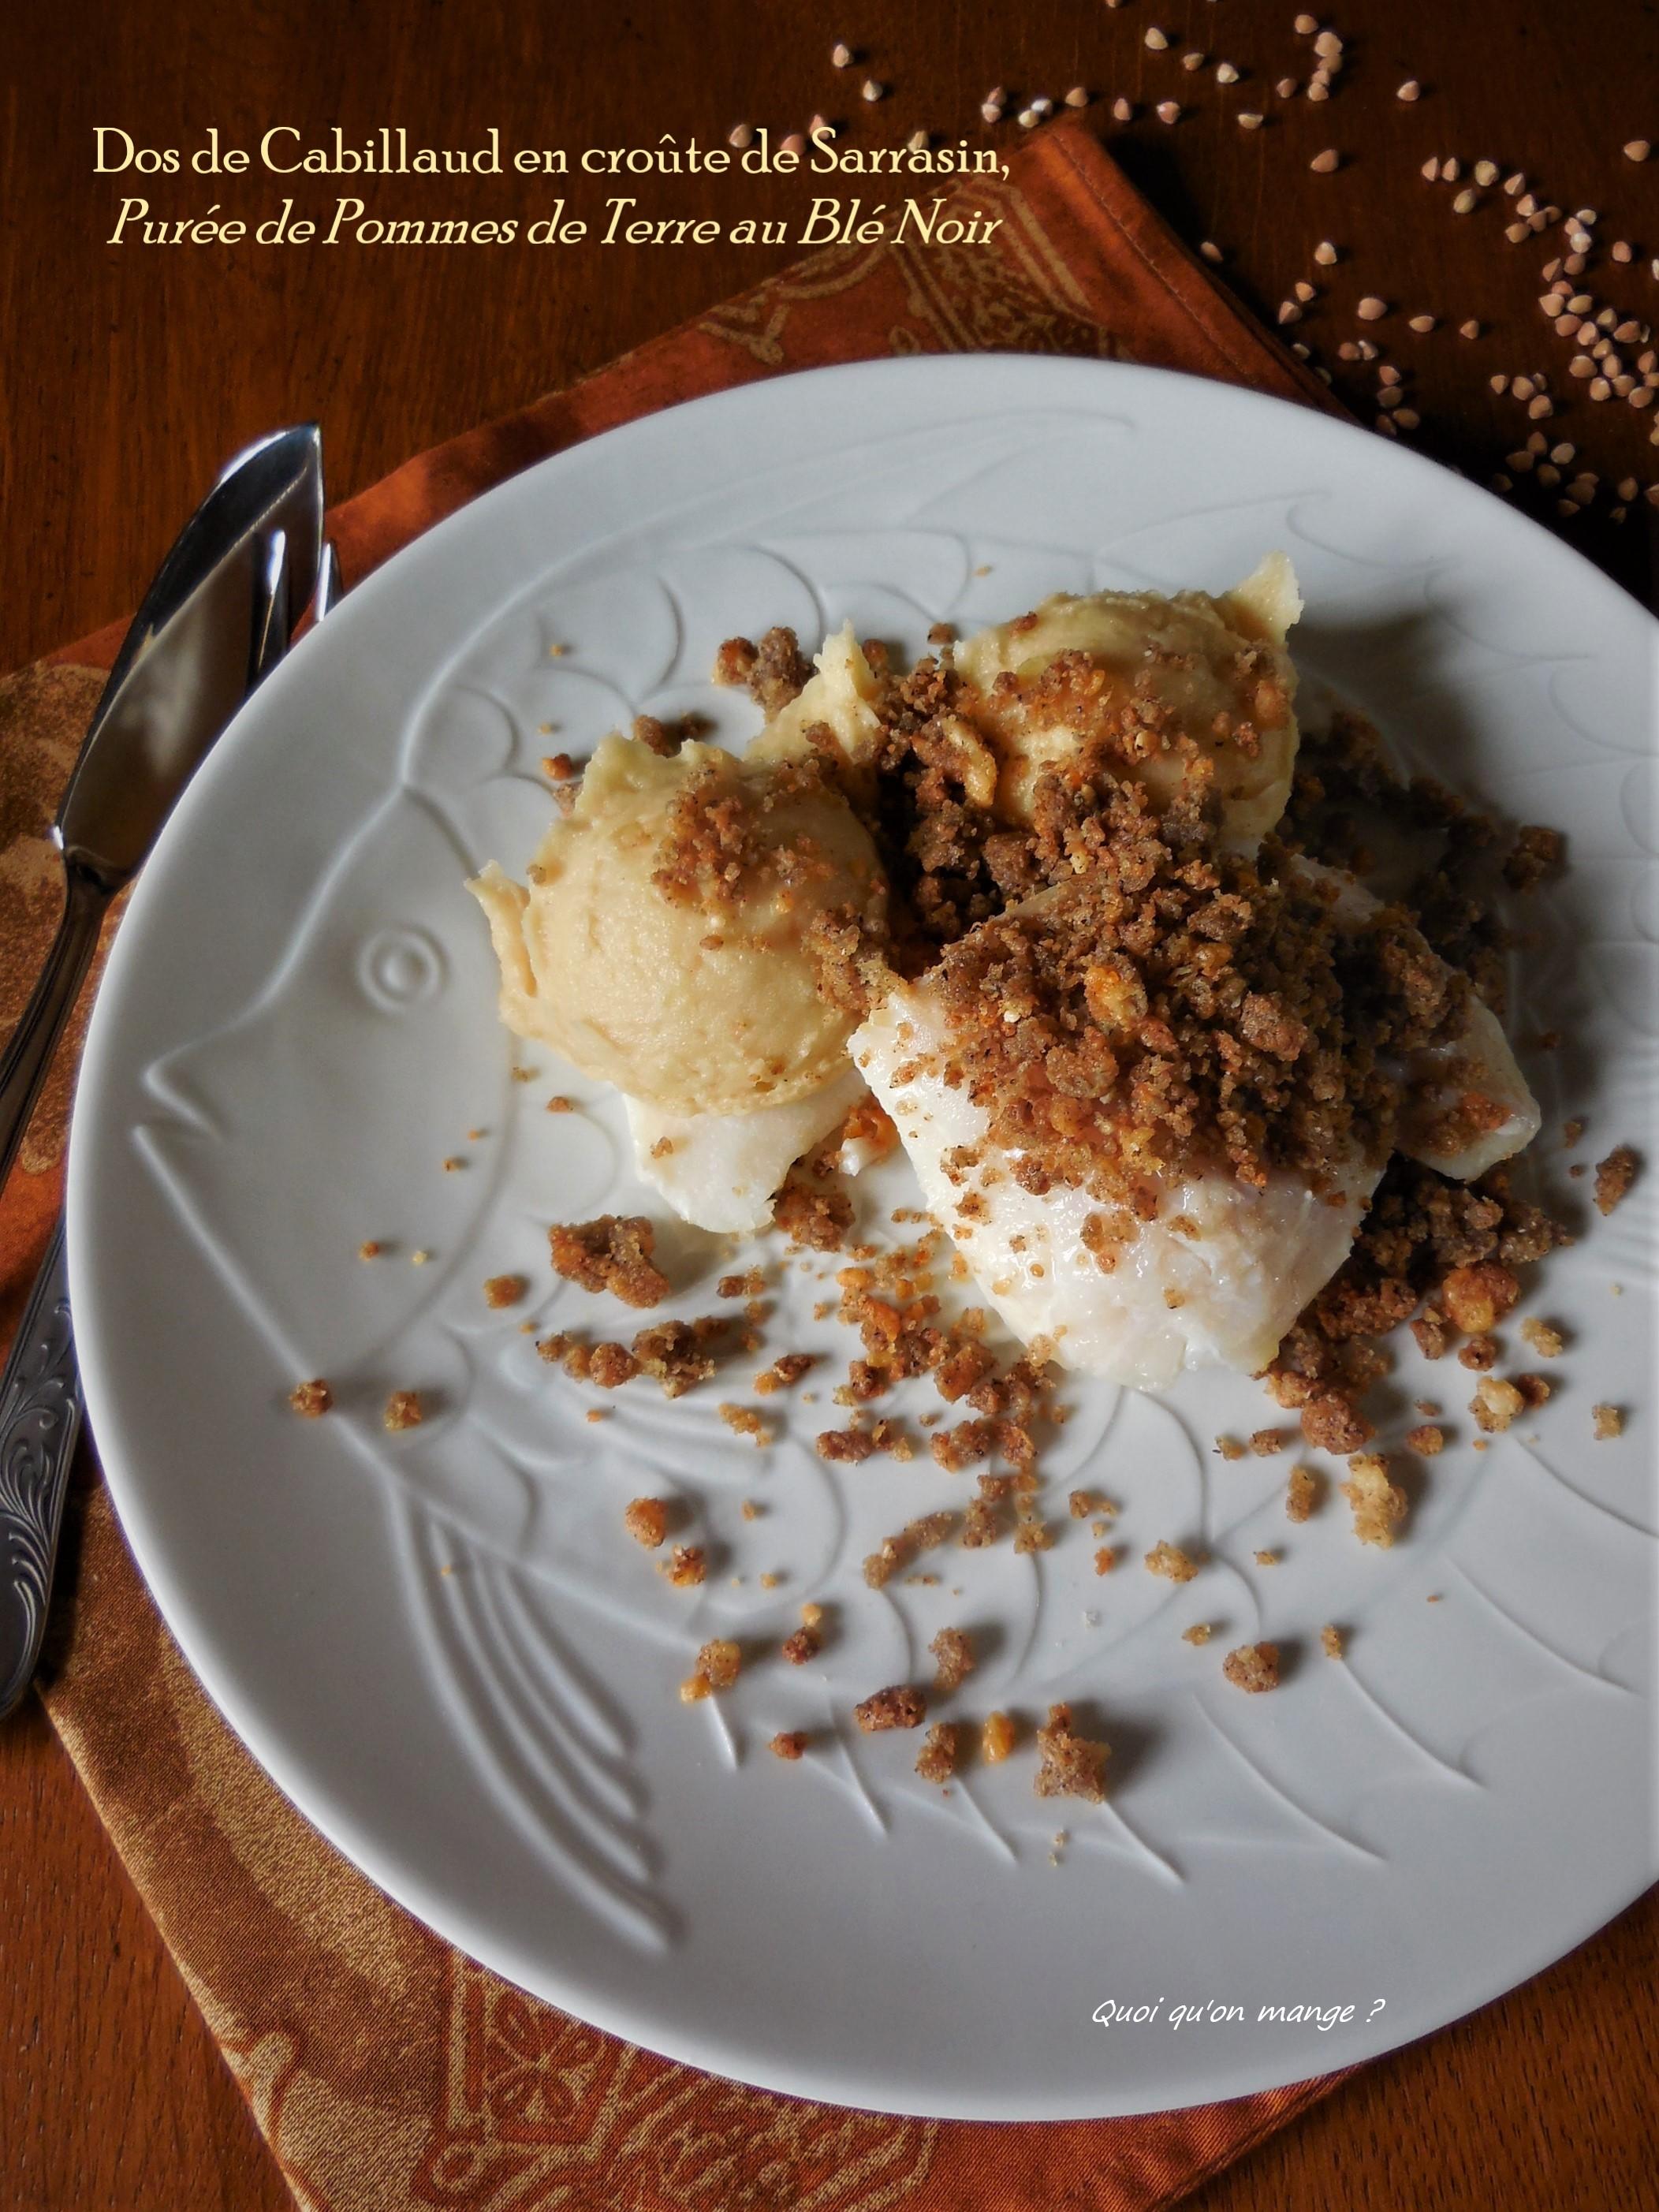 Dos de cabillaud en croûte de sarrasin, purée de pommes de terre au blé noir